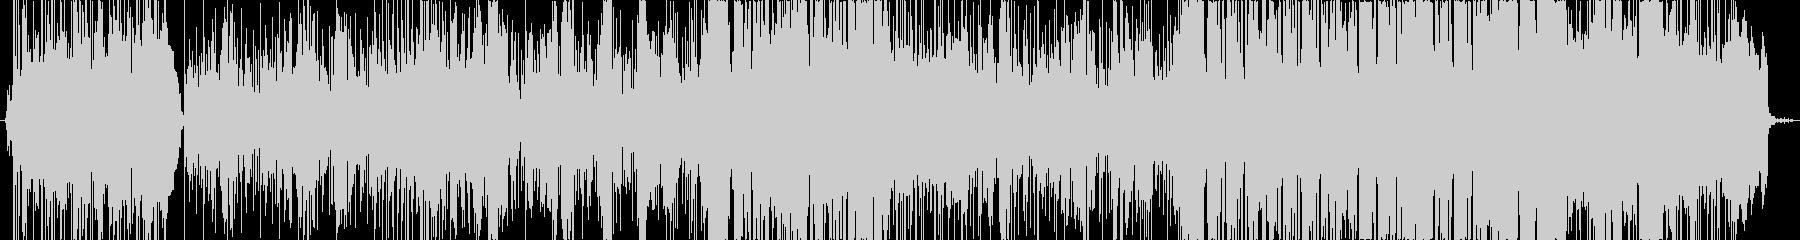 ポップロック調のメッセージソングの未再生の波形